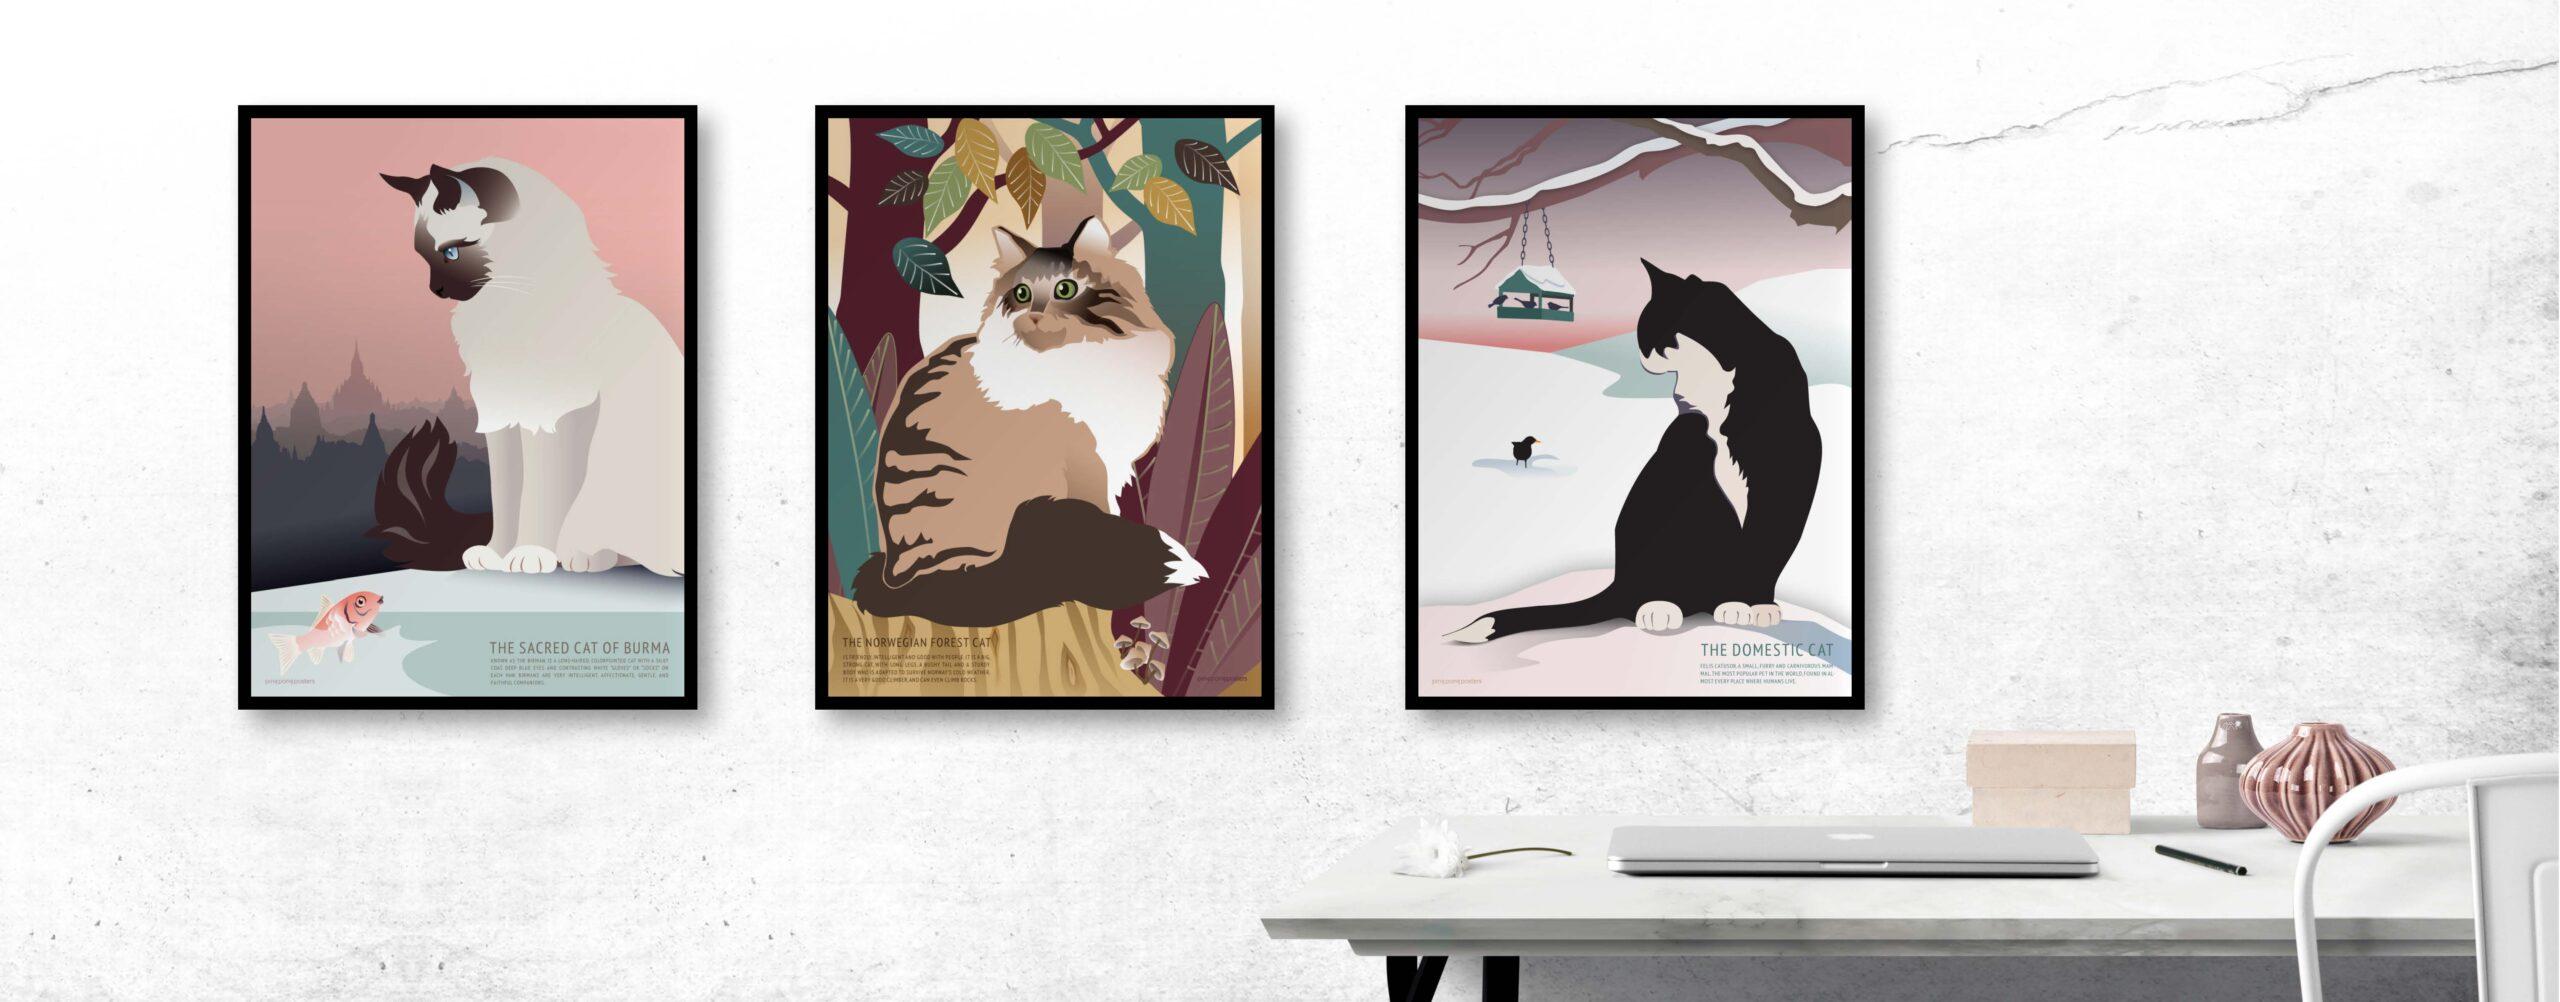 Helligbirma, norsk skovkat og huskatten hænger på vægen i kontoret